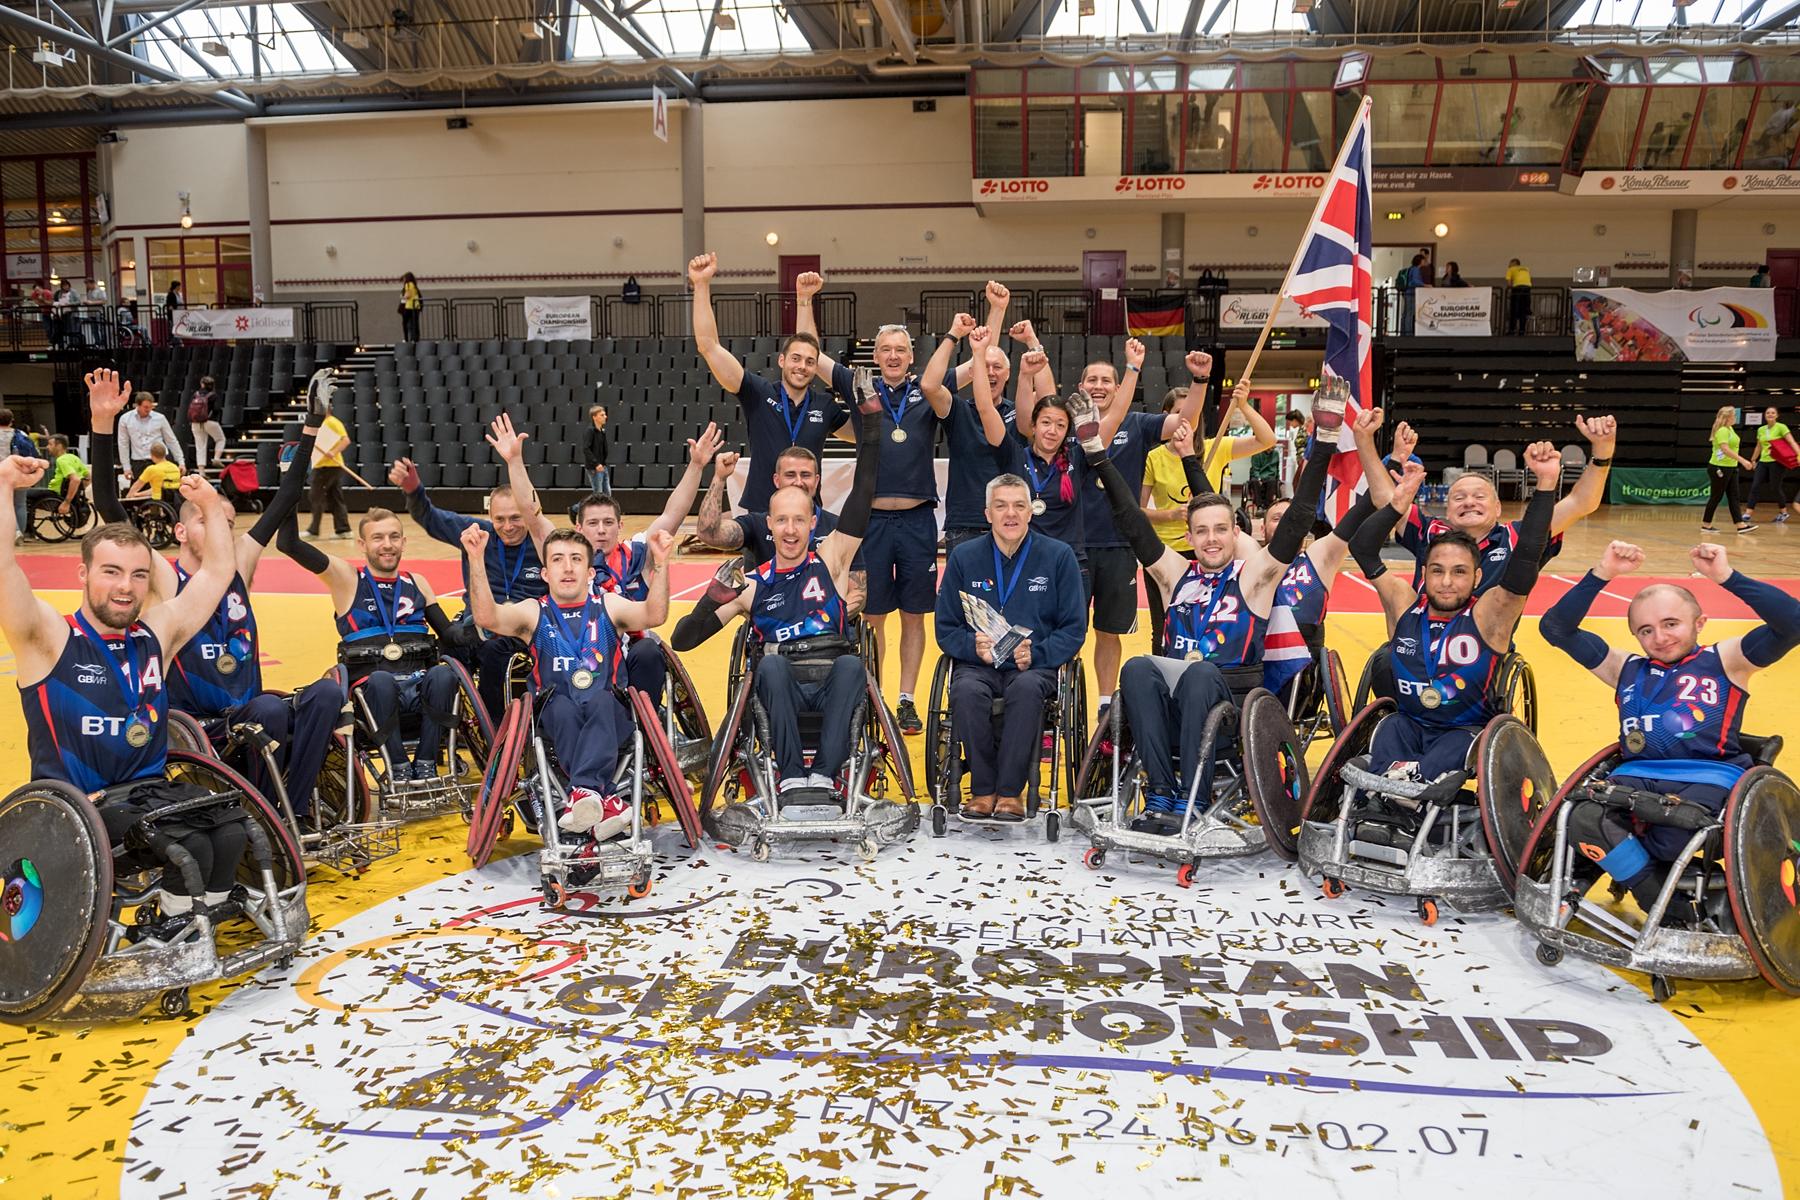 England gewinnt die Europameisterschaft im Rollstuhl Rugby